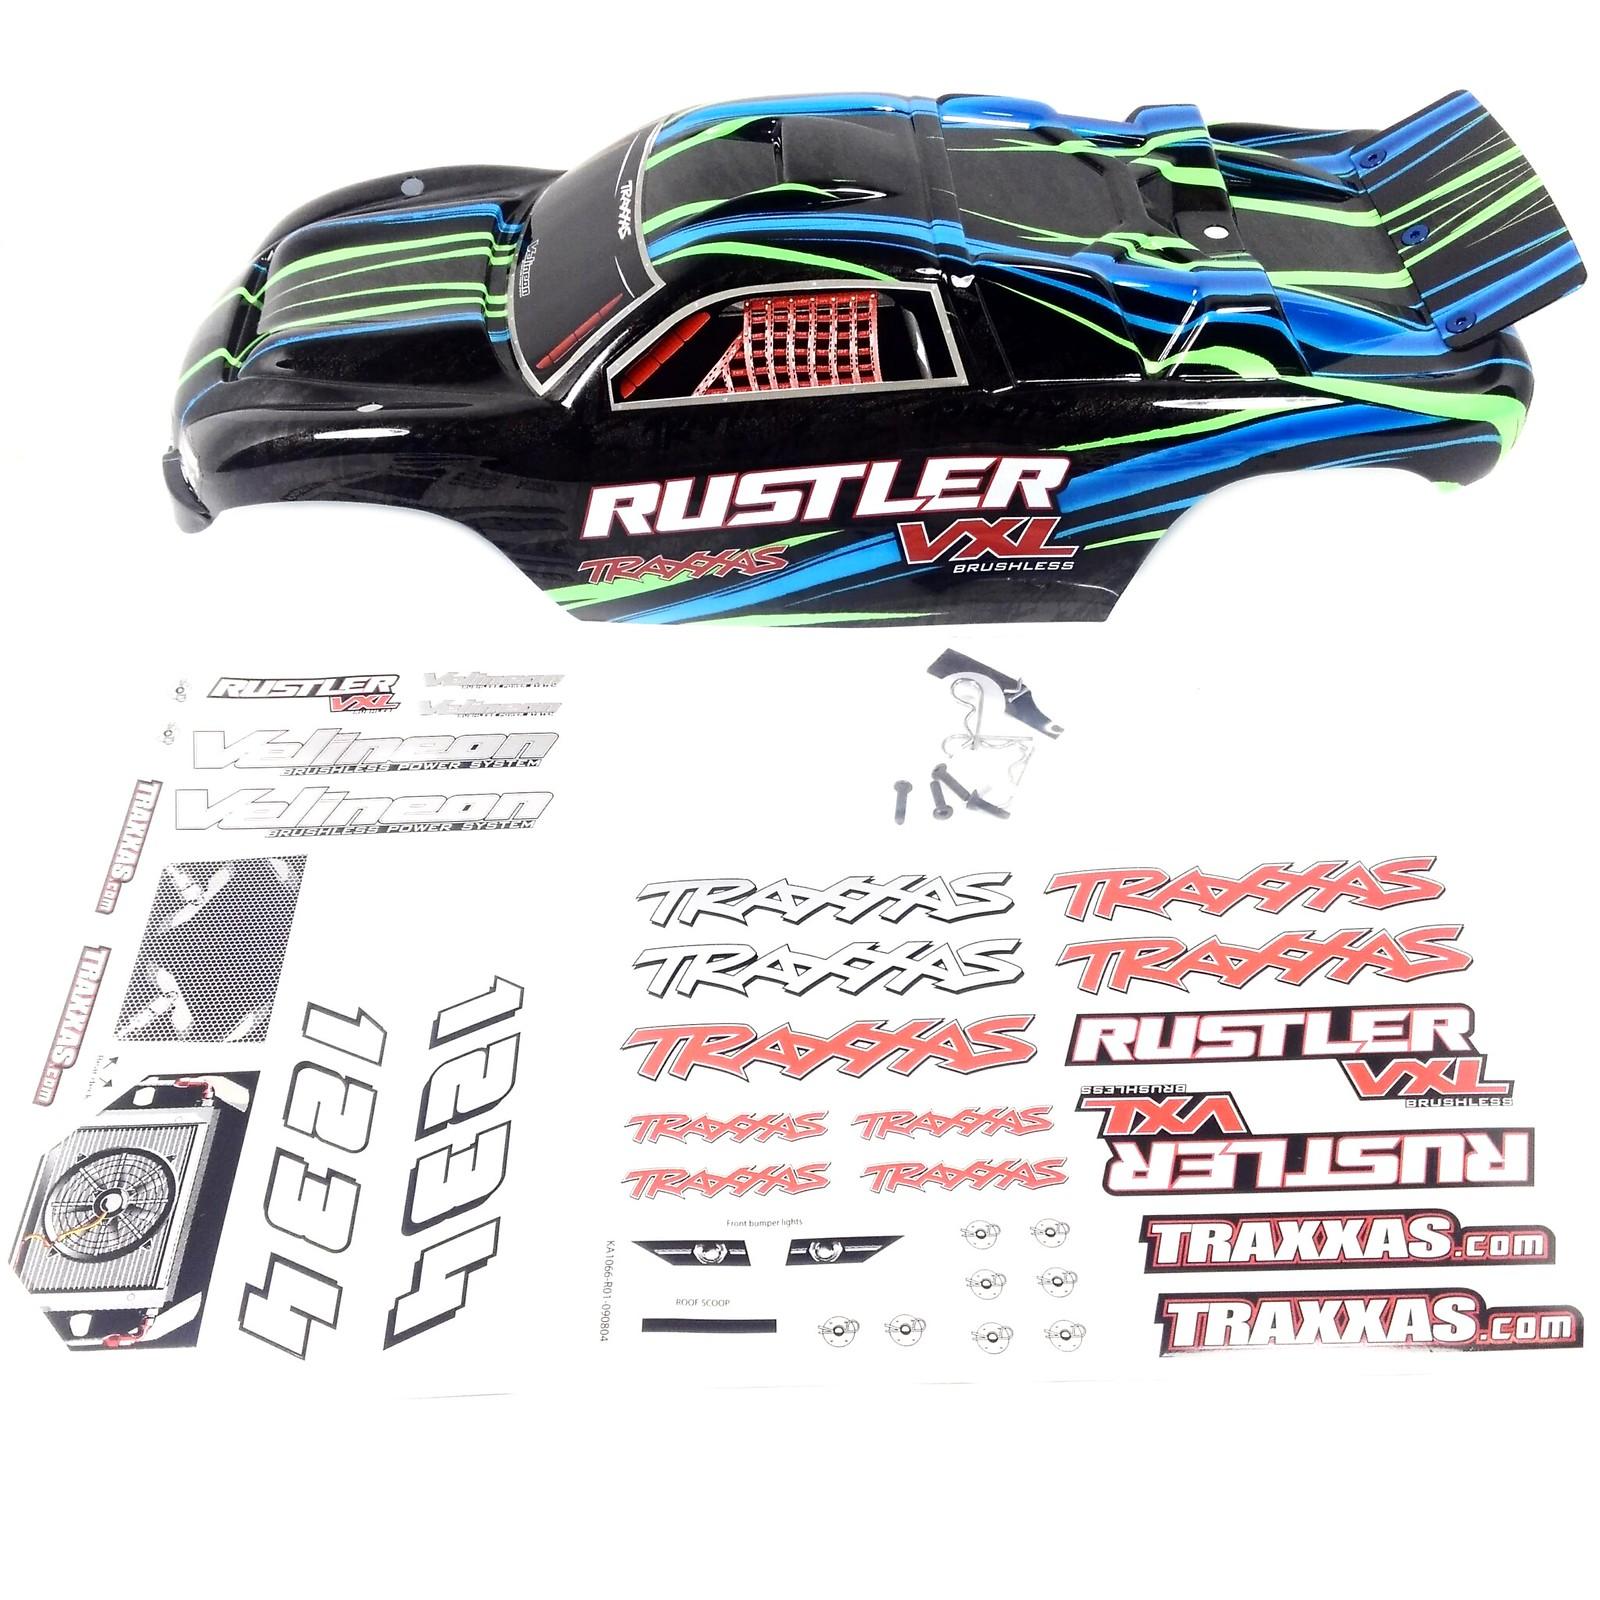 Traxxas Rustler Body Vxl Xl5 Green Blue Black W Decals And 41354173020 1eceda8c2a H